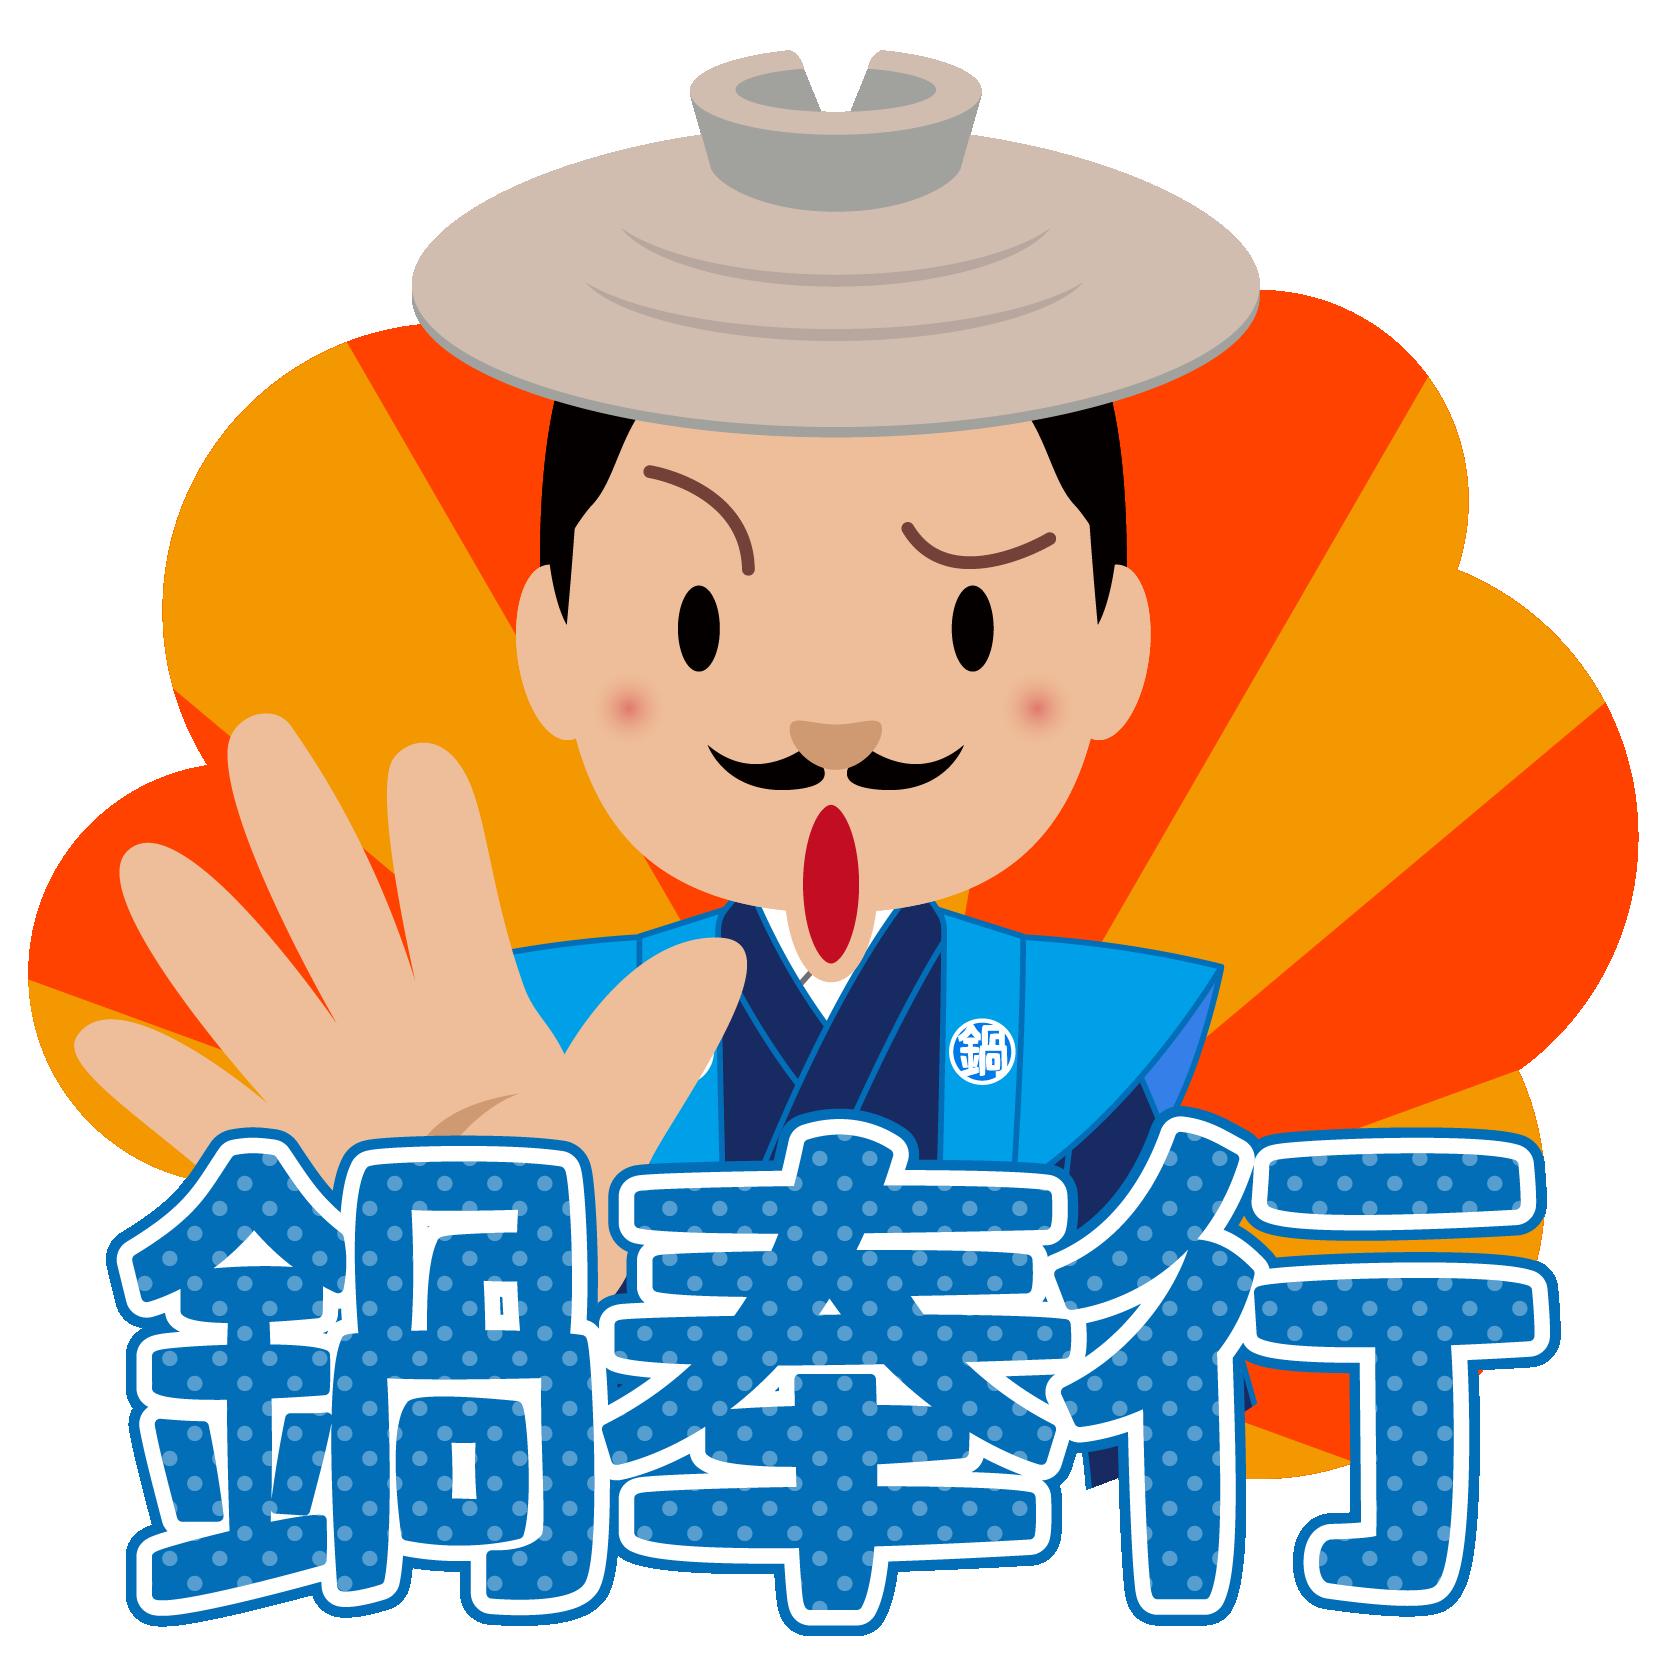 商用フリー・無料イラスト_鍋奉行_04